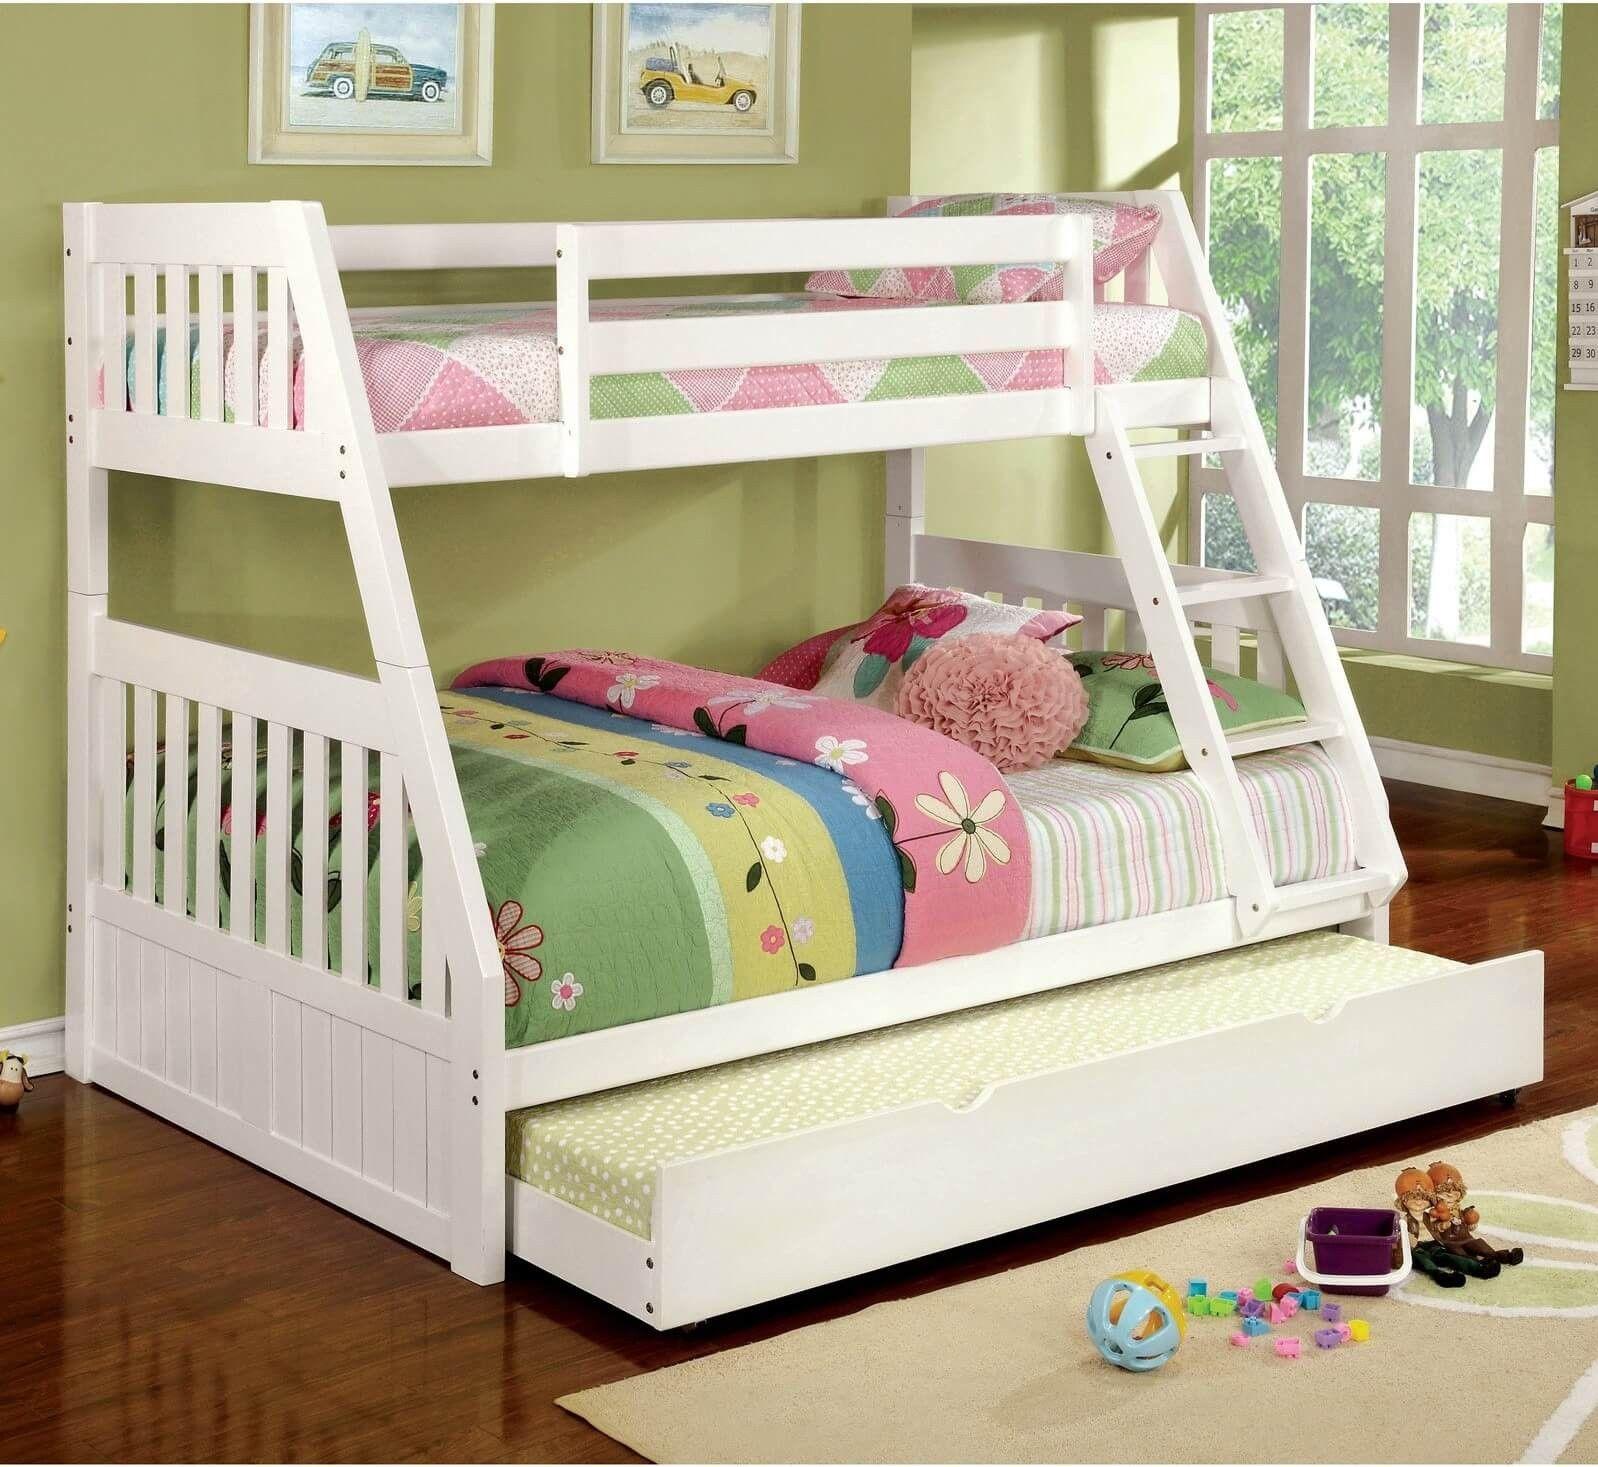 stockbett mdchen cool relita etagenbett beni mit rutsche xcm braun with stockbett mdchen cool. Black Bedroom Furniture Sets. Home Design Ideas